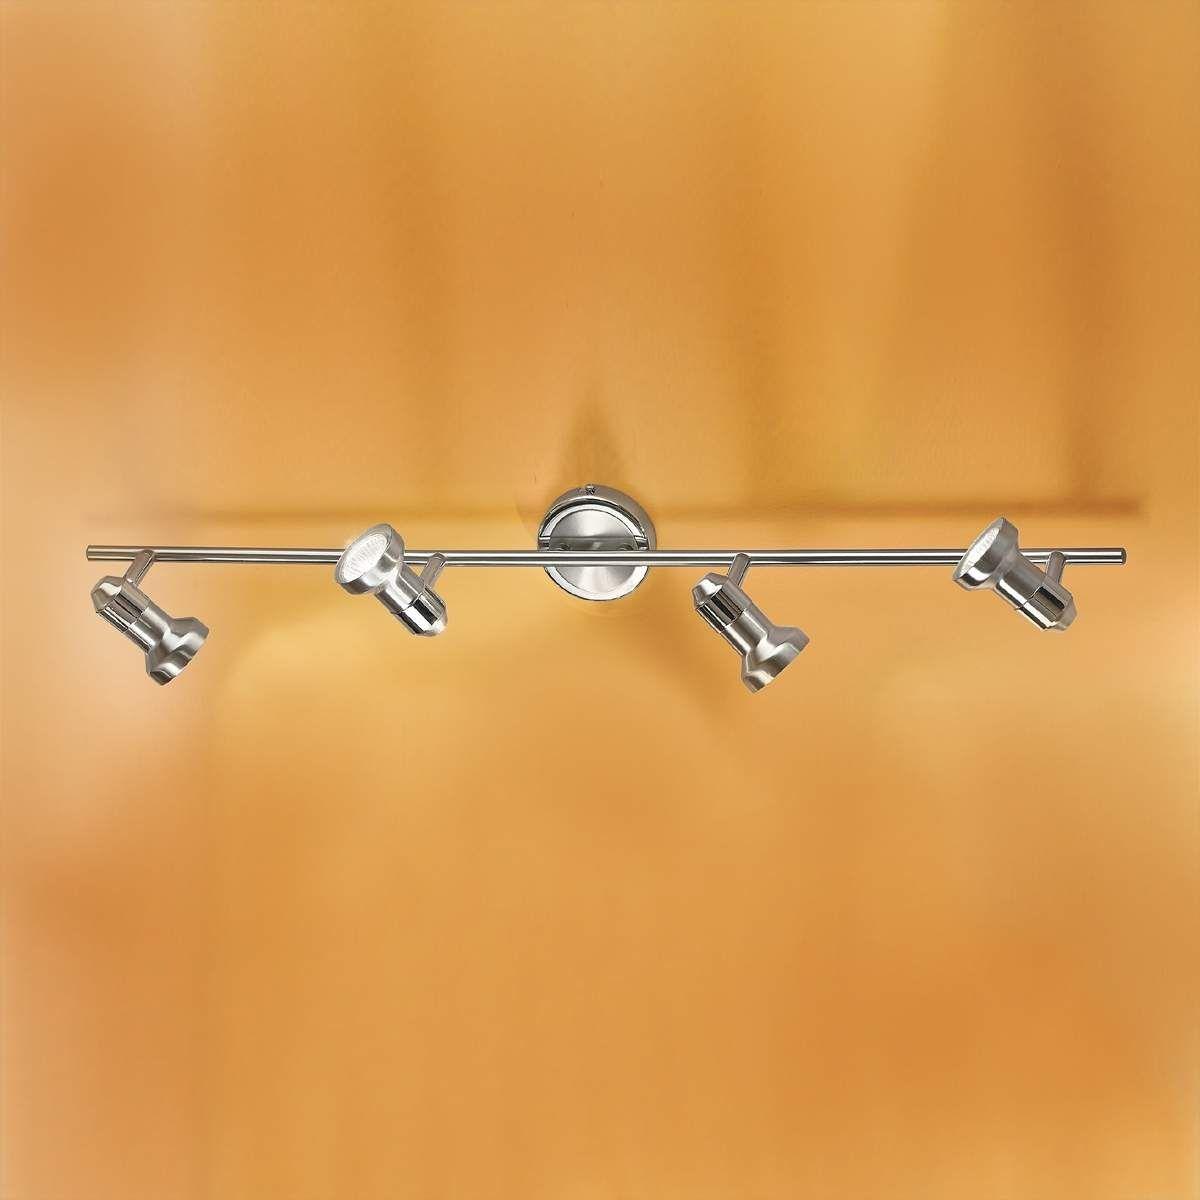 küchen deckenlampe | deckenleuchte stoff rund ...